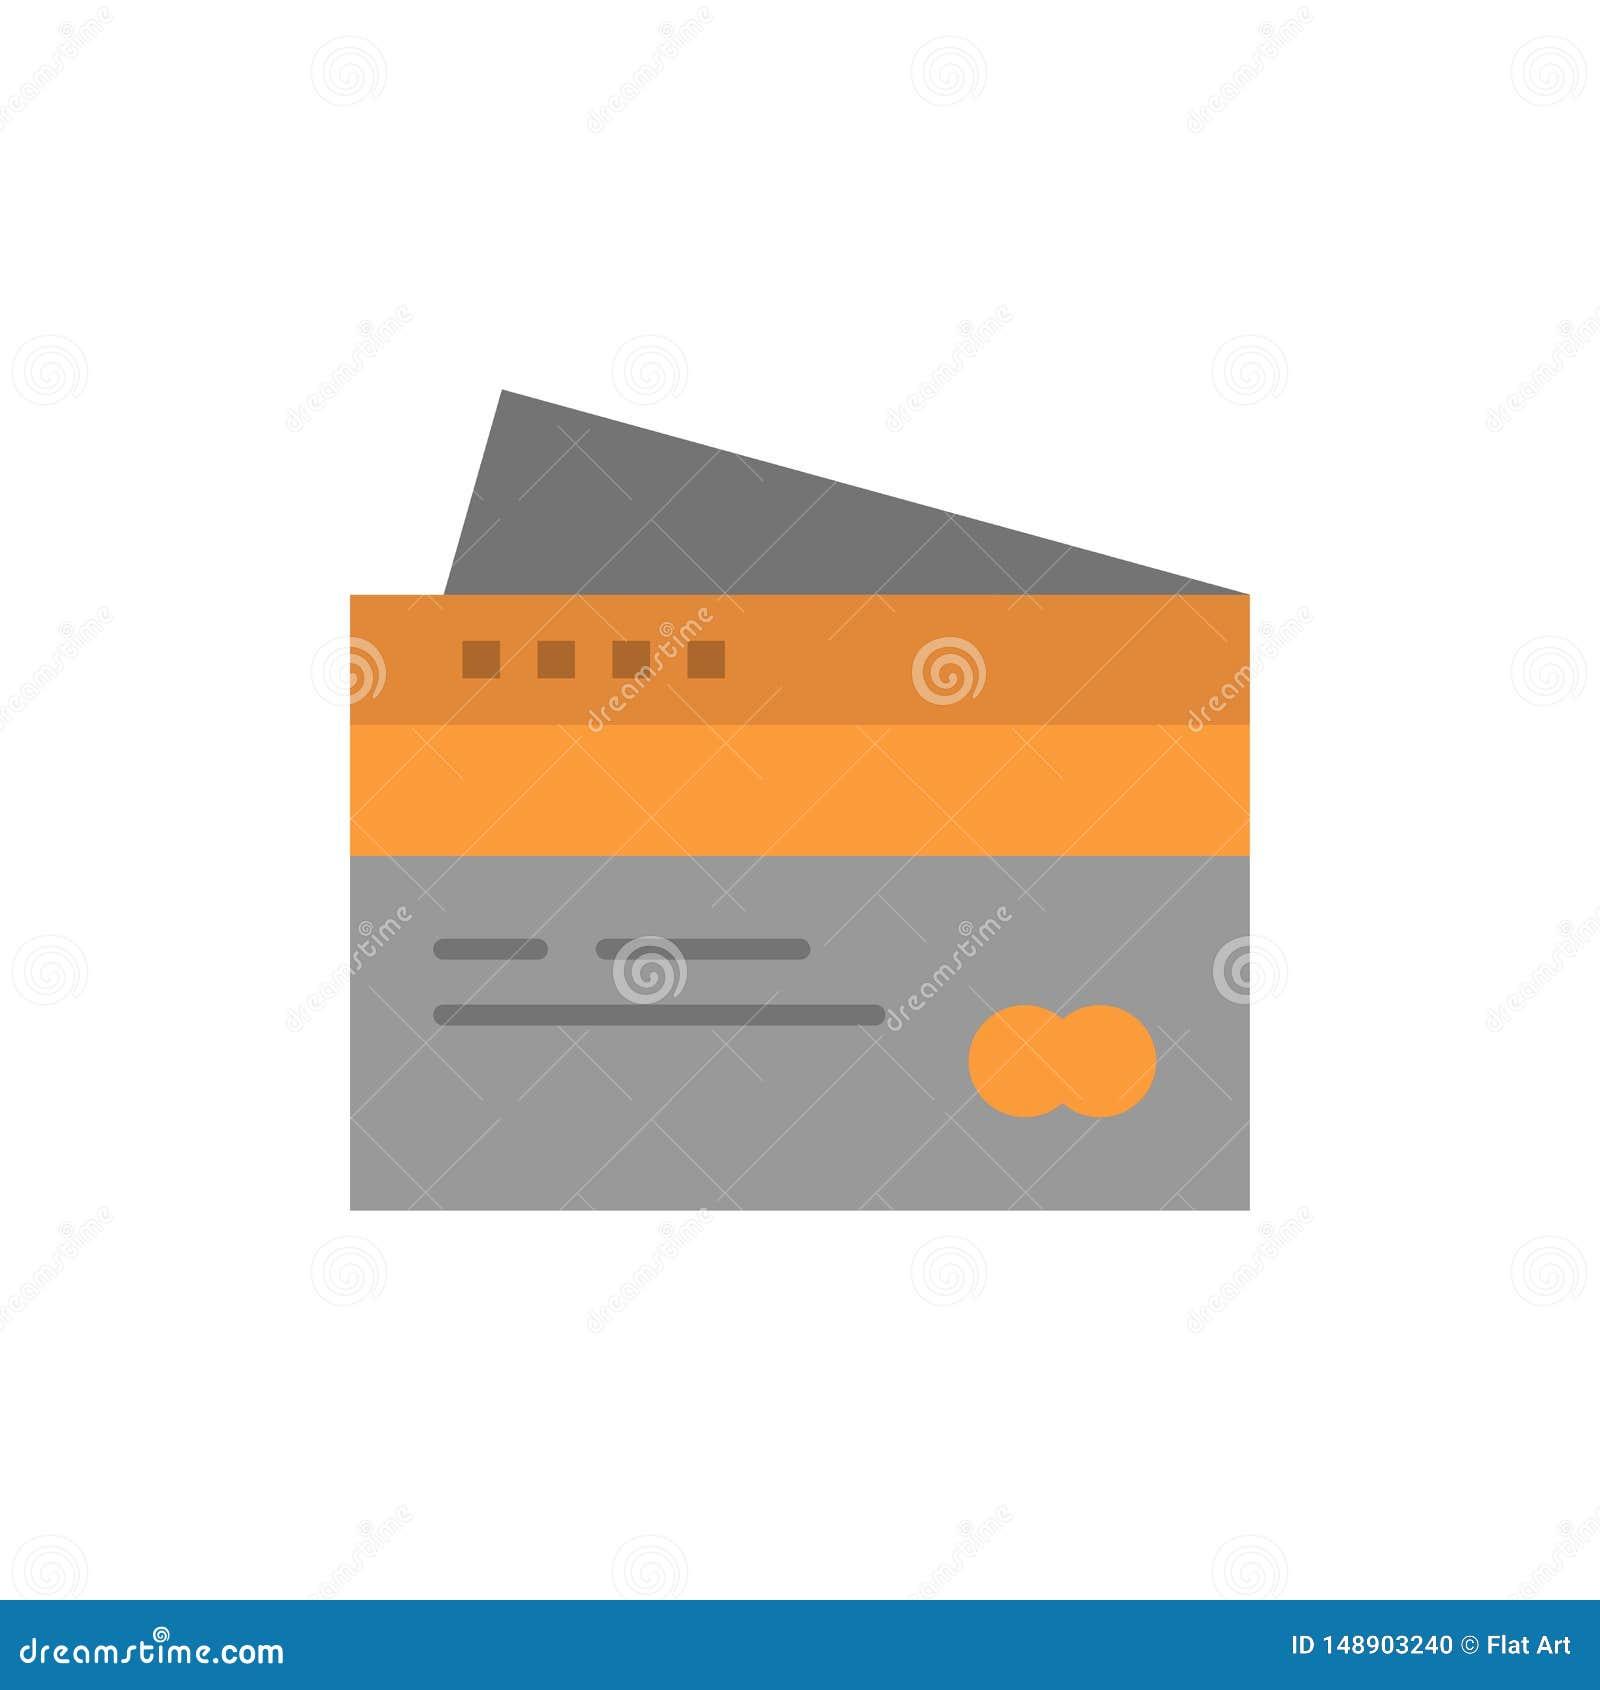 Πιστωτική κάρτα, τραπεζικές εργασίες, κάρτα, κάρτες, πίστωση, χρηματοδότηση, χρήματα, εικονίδιο χρώματος αγορών επίπεδο Διανυσματ